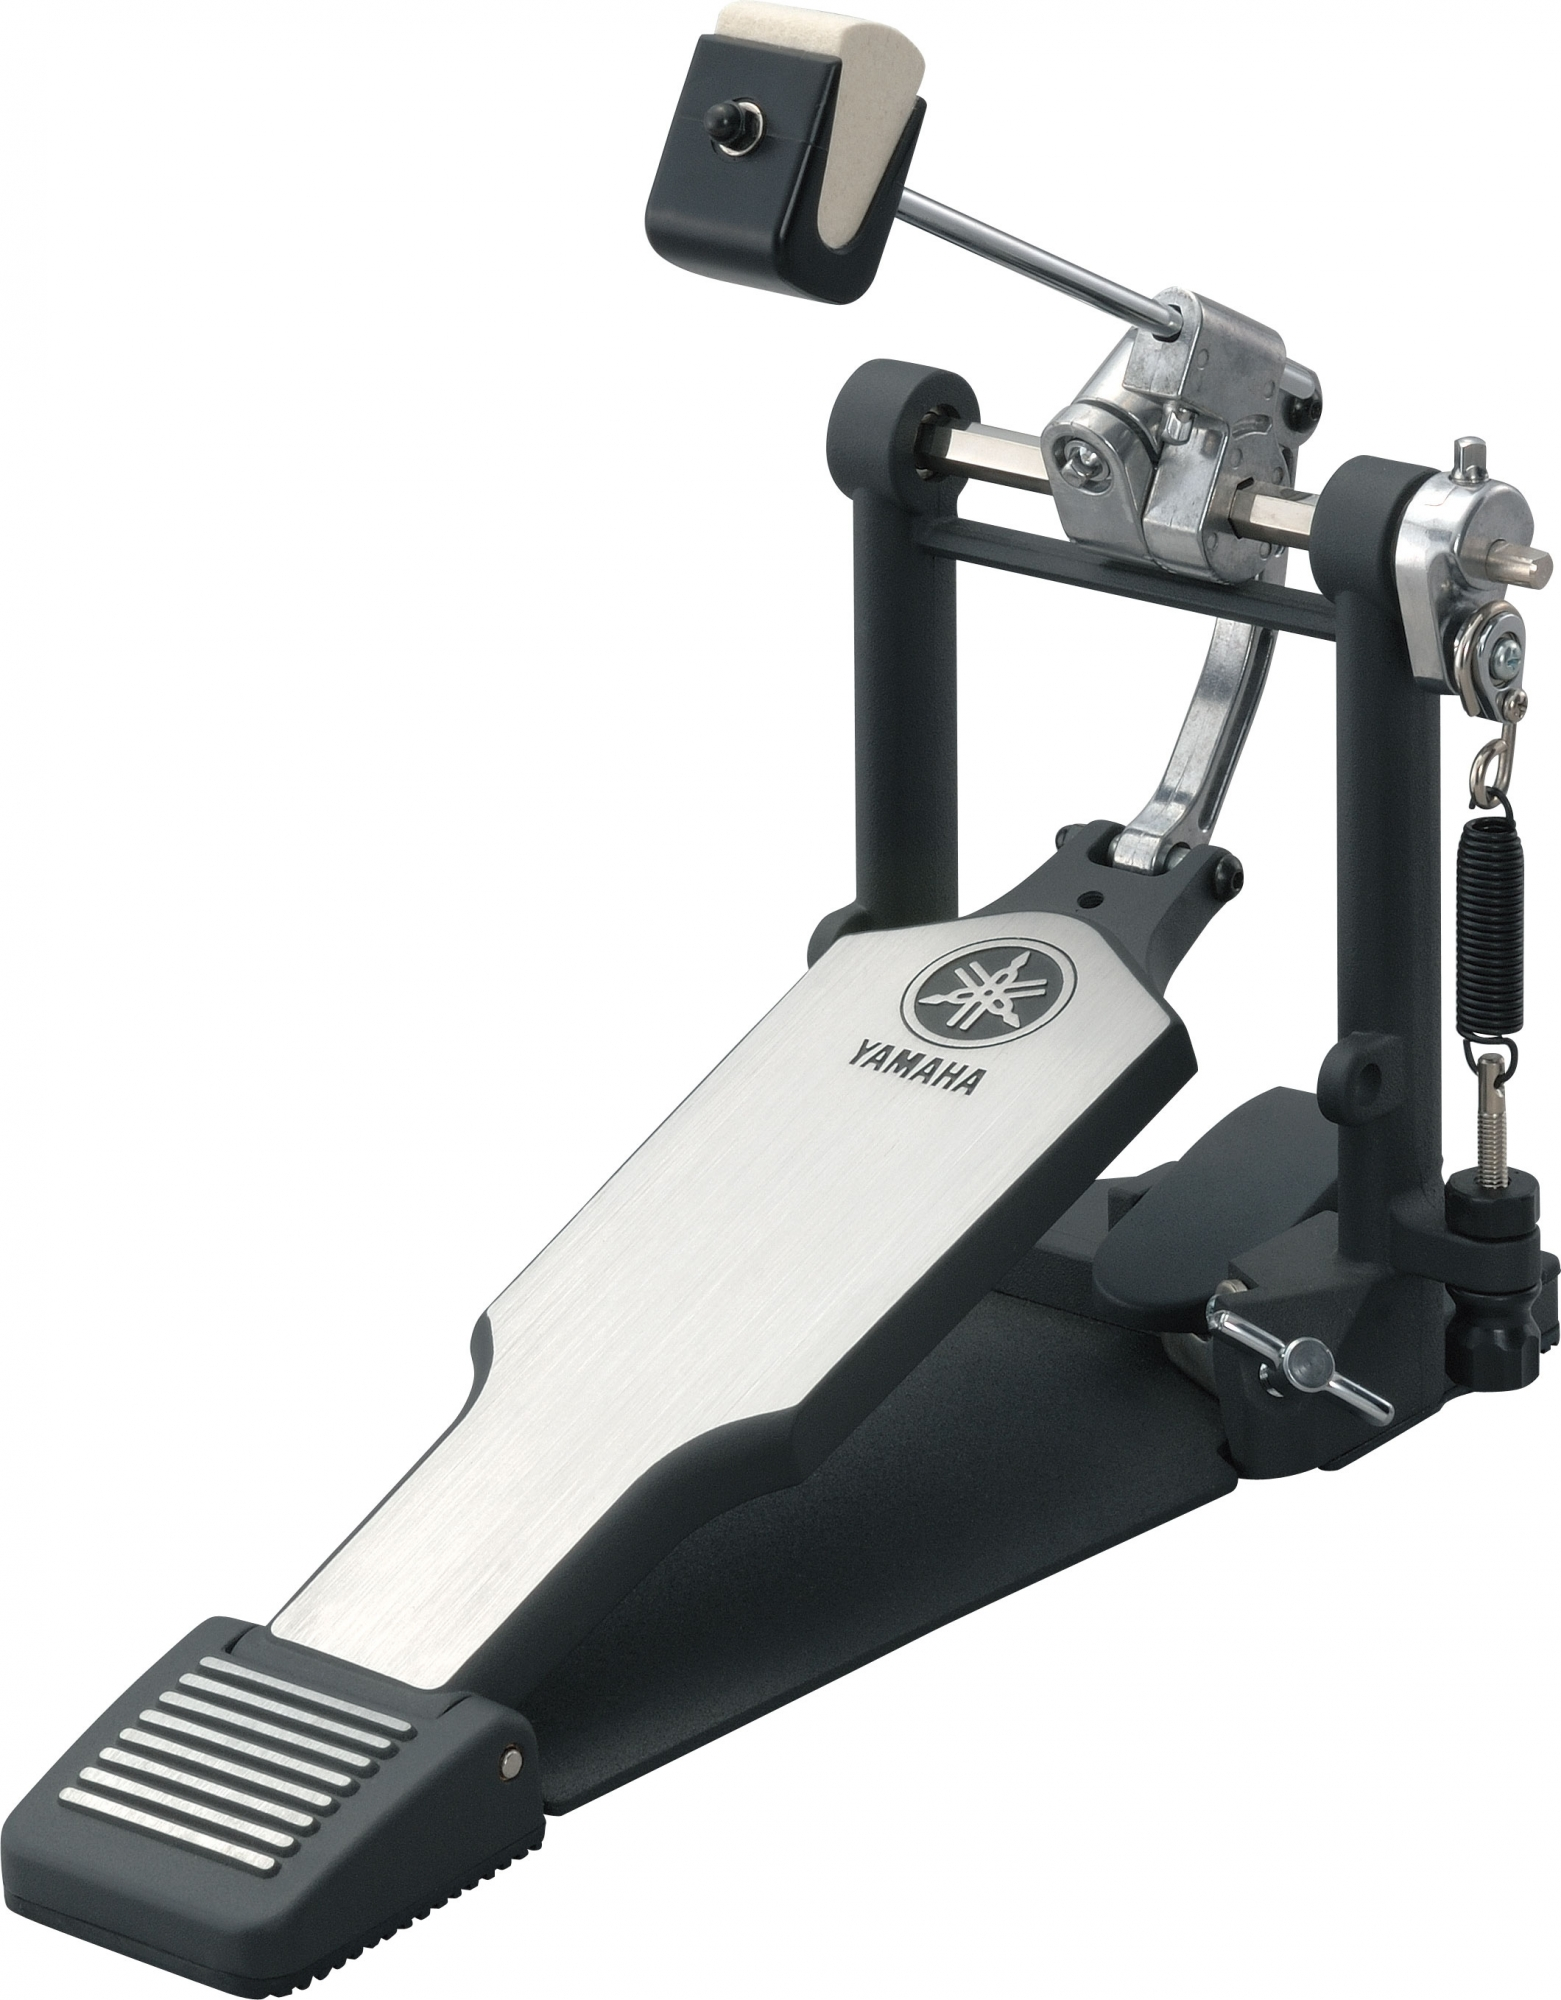 Billede af Yamaha FP9500D Stortrommepedal